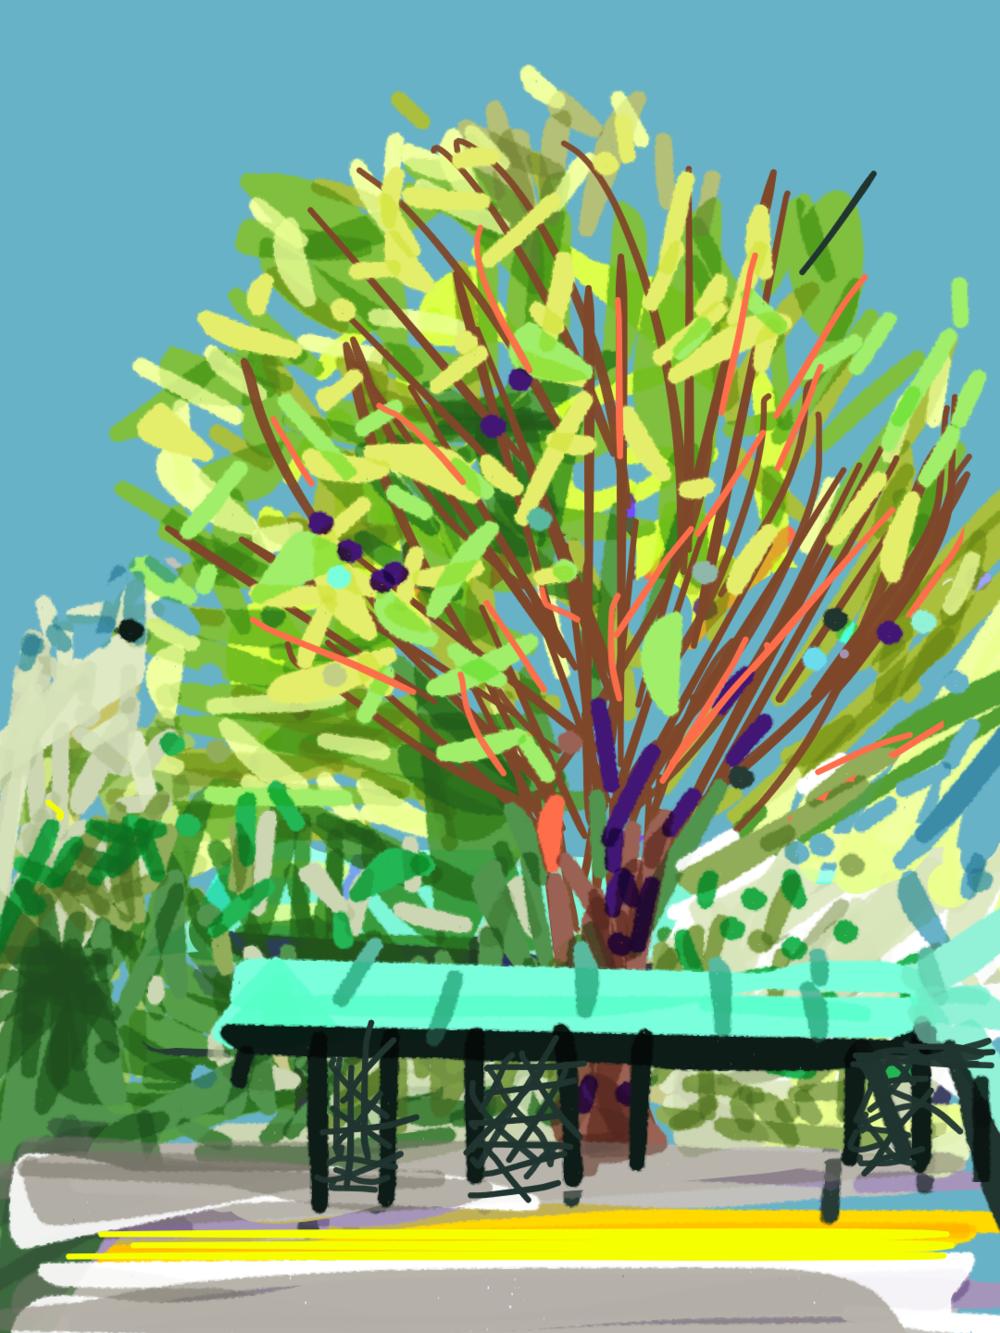 Caltrain Sketches - 1.png